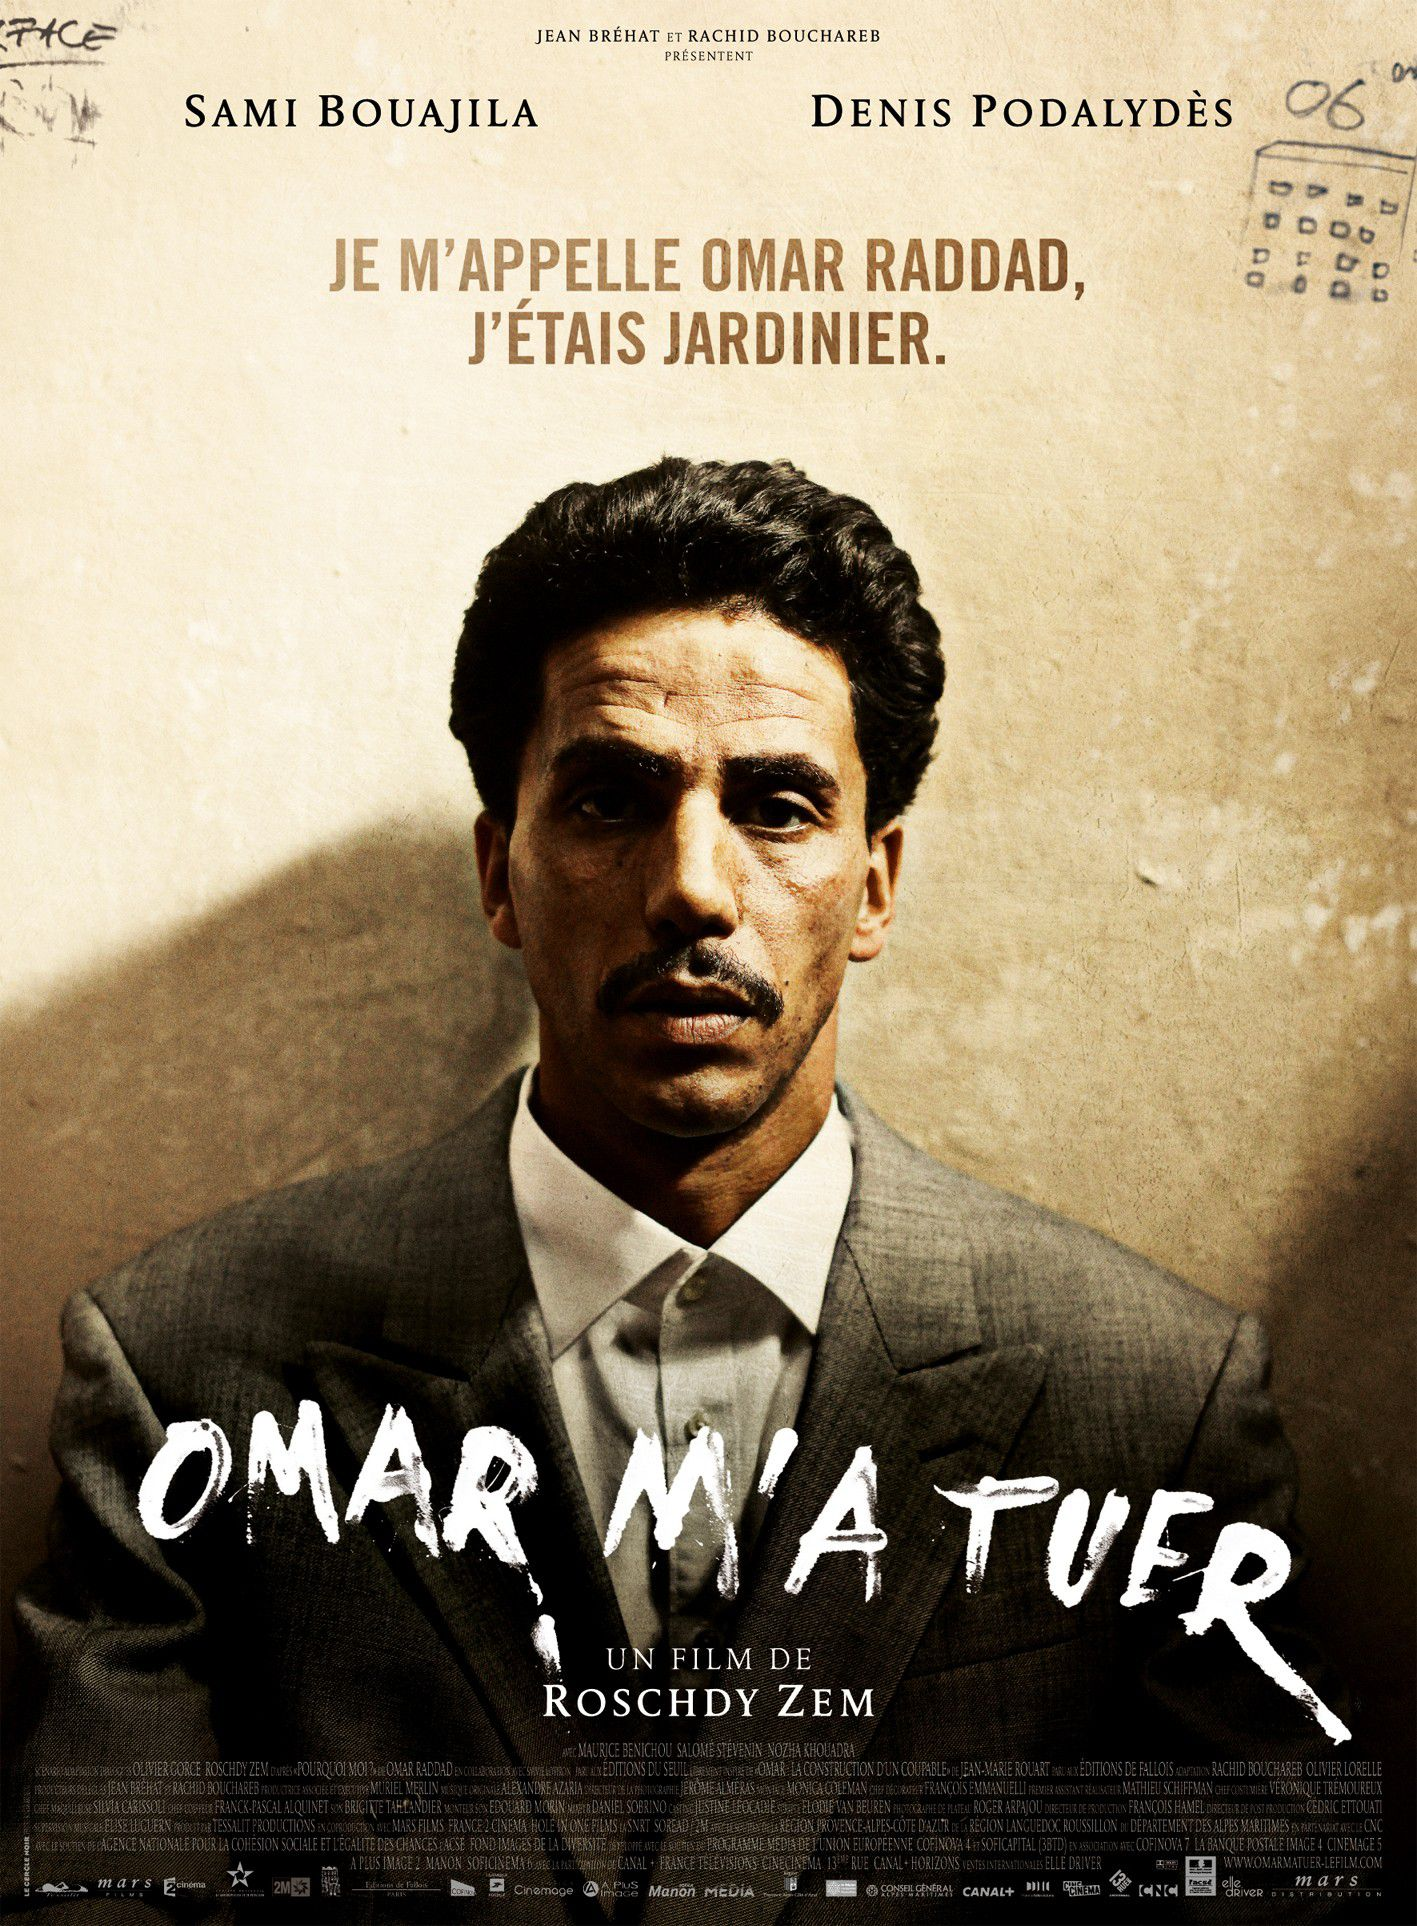 Omar m'a tuer - Film (2011)